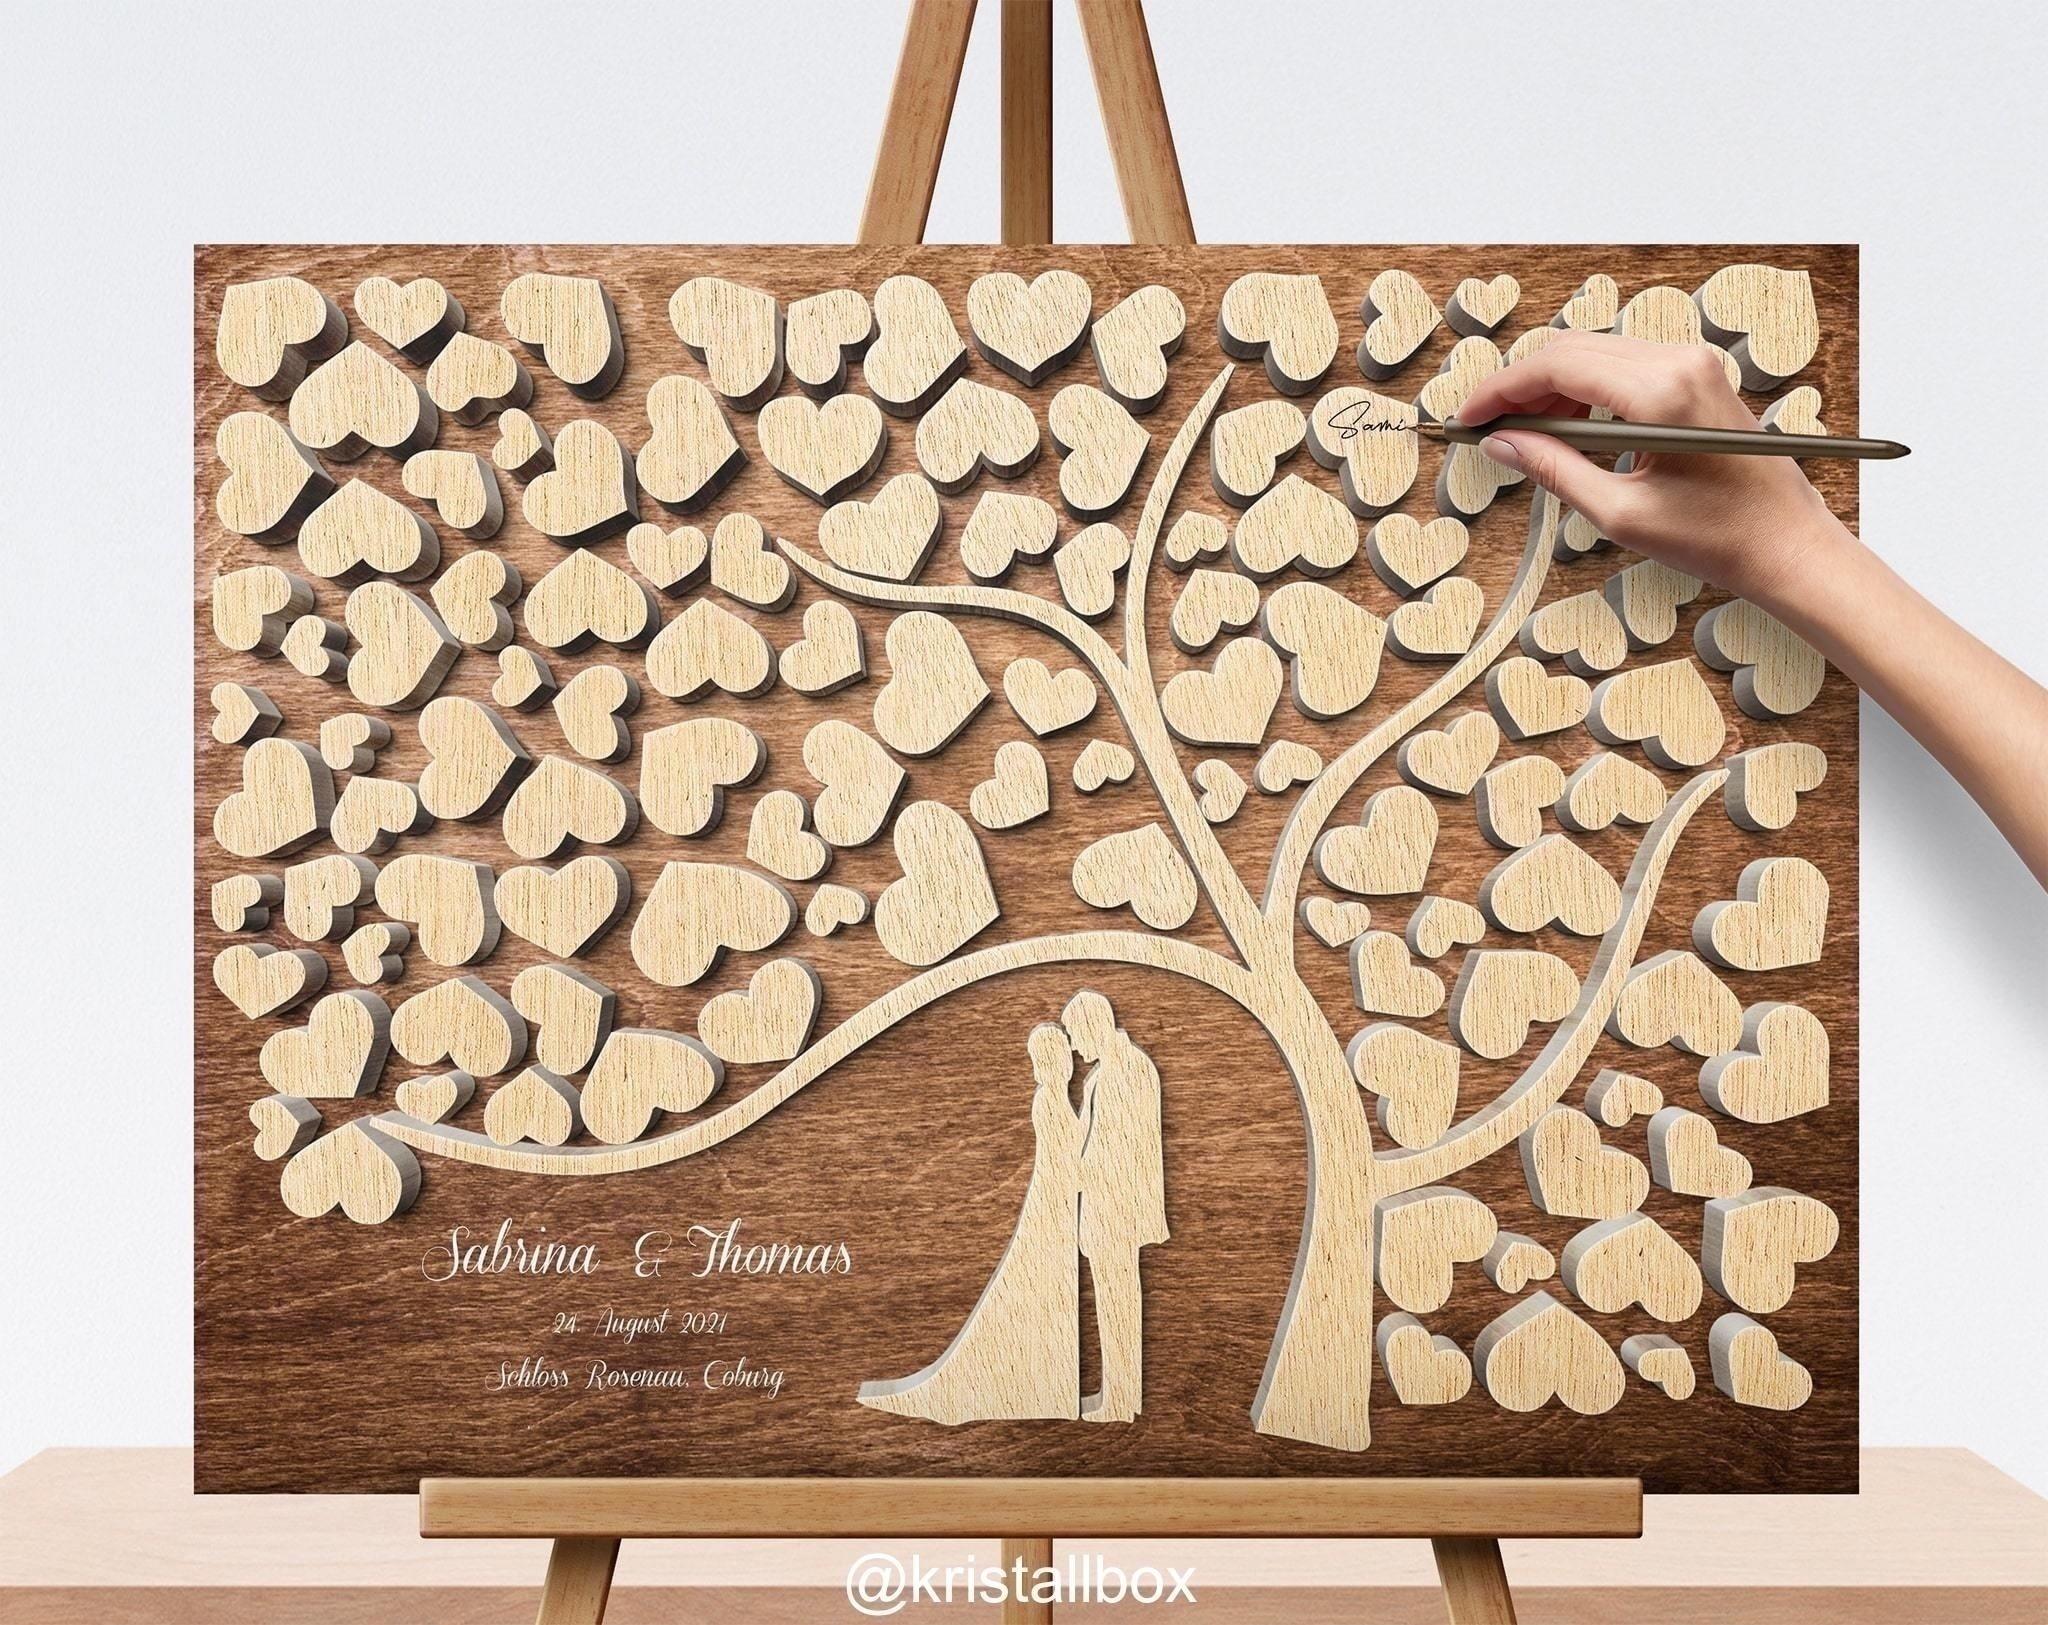 hochzeitstag hochzeit g Hochzeitsgeschenk leinwanddruck leinwandbild poster artprint weddingtree fingerabdruckbaum geschenkidee art berlin hamburg germany verlobung